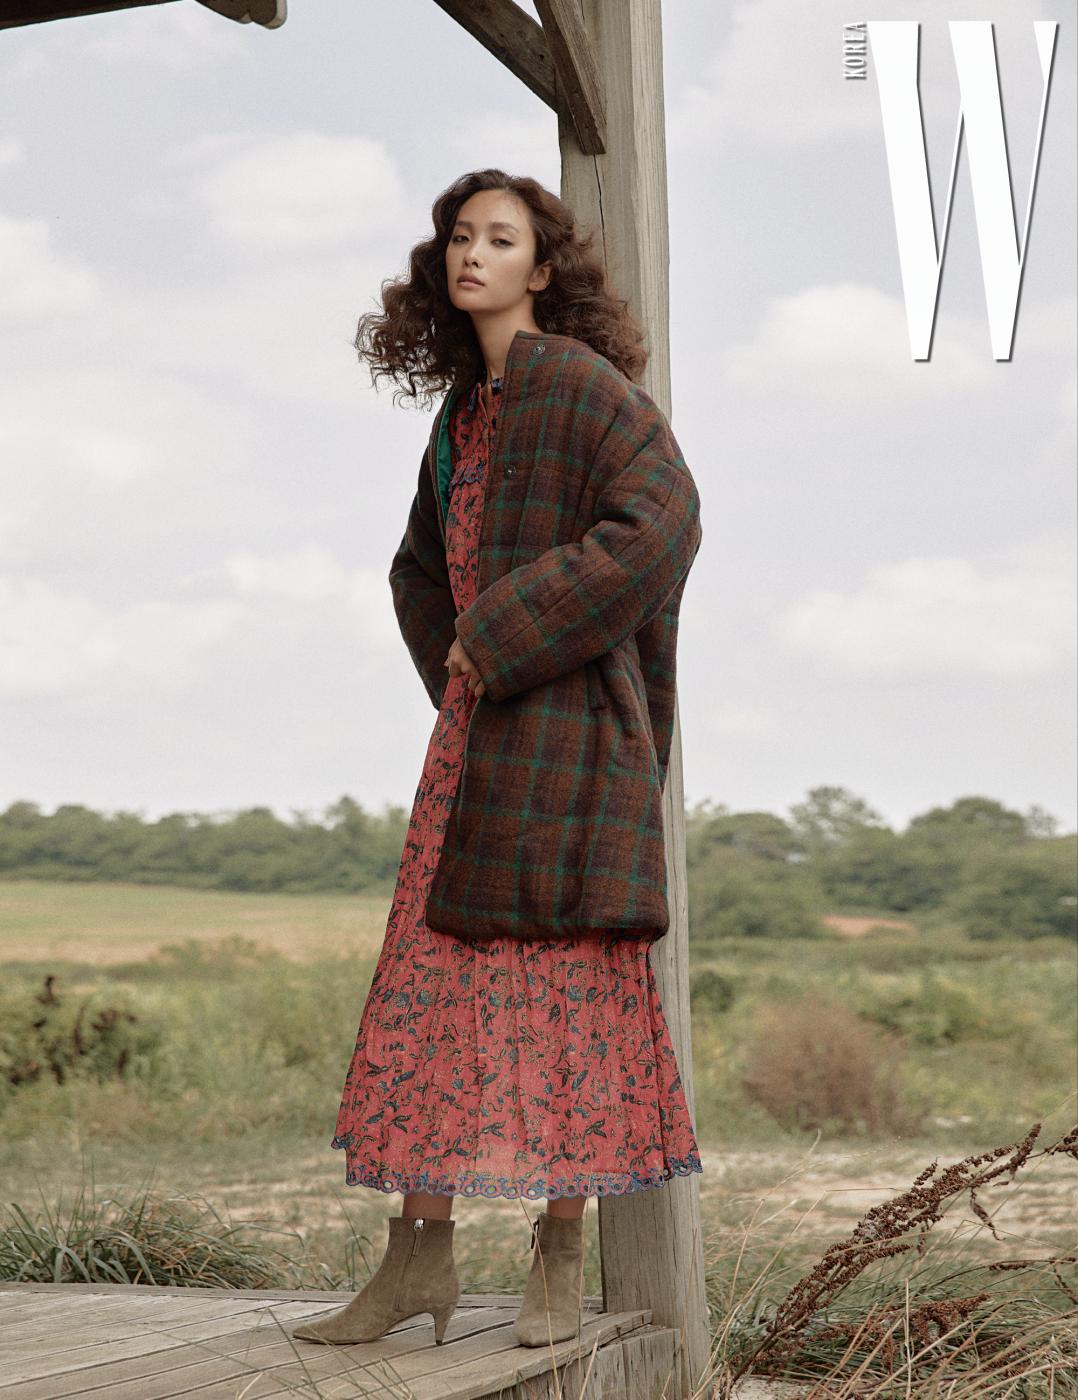 어깨가 둥근 체크무늬 아우터와 스웨이드 부츠는 Isabel Marant, 보헤미안풍 꽃무늬 롱 원피스는 Isabel Marant Etoile 제품.